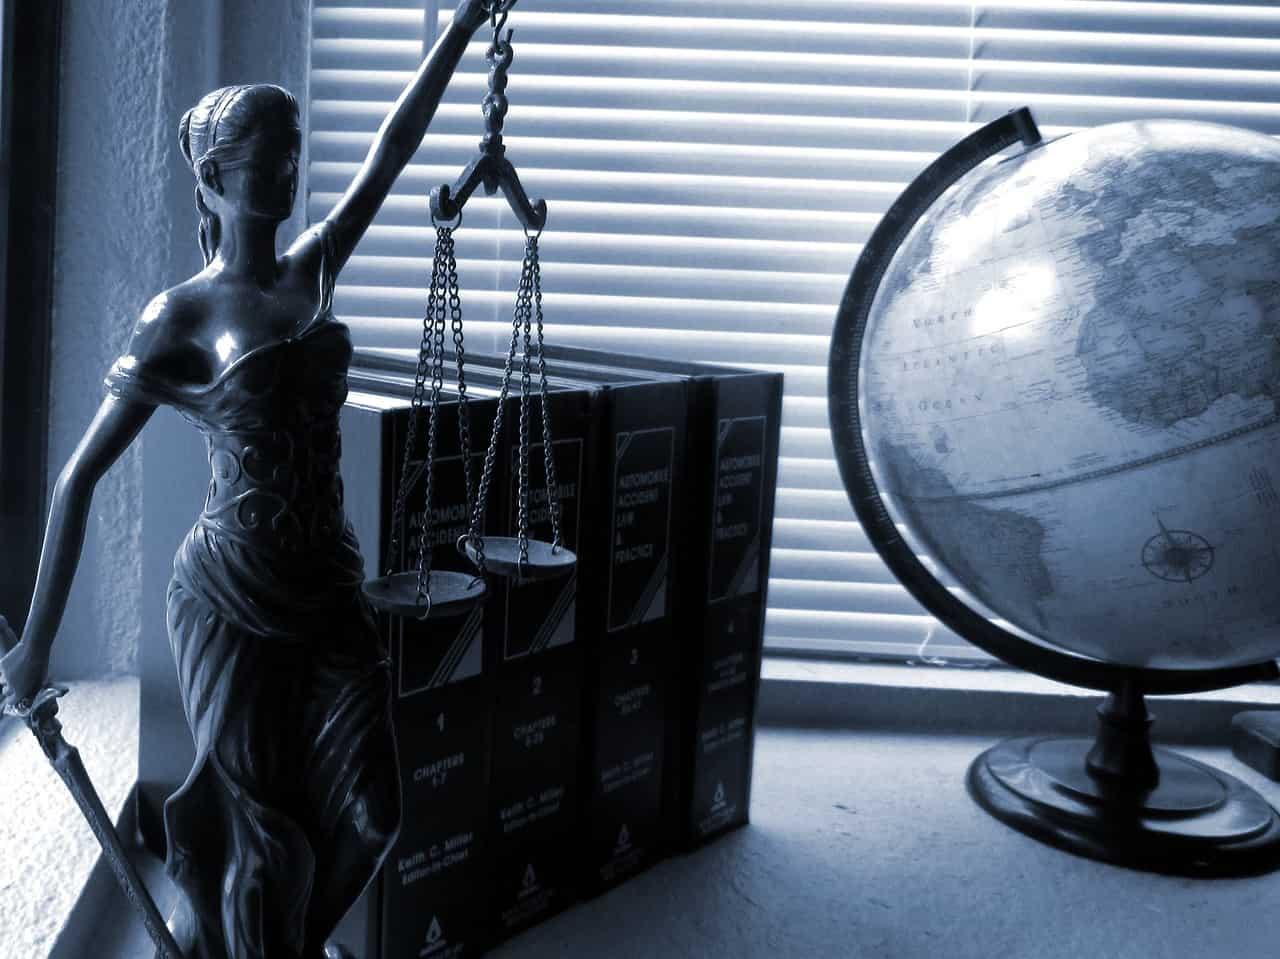 Trasferimento sede legale: tutto quello che c'è da sapere